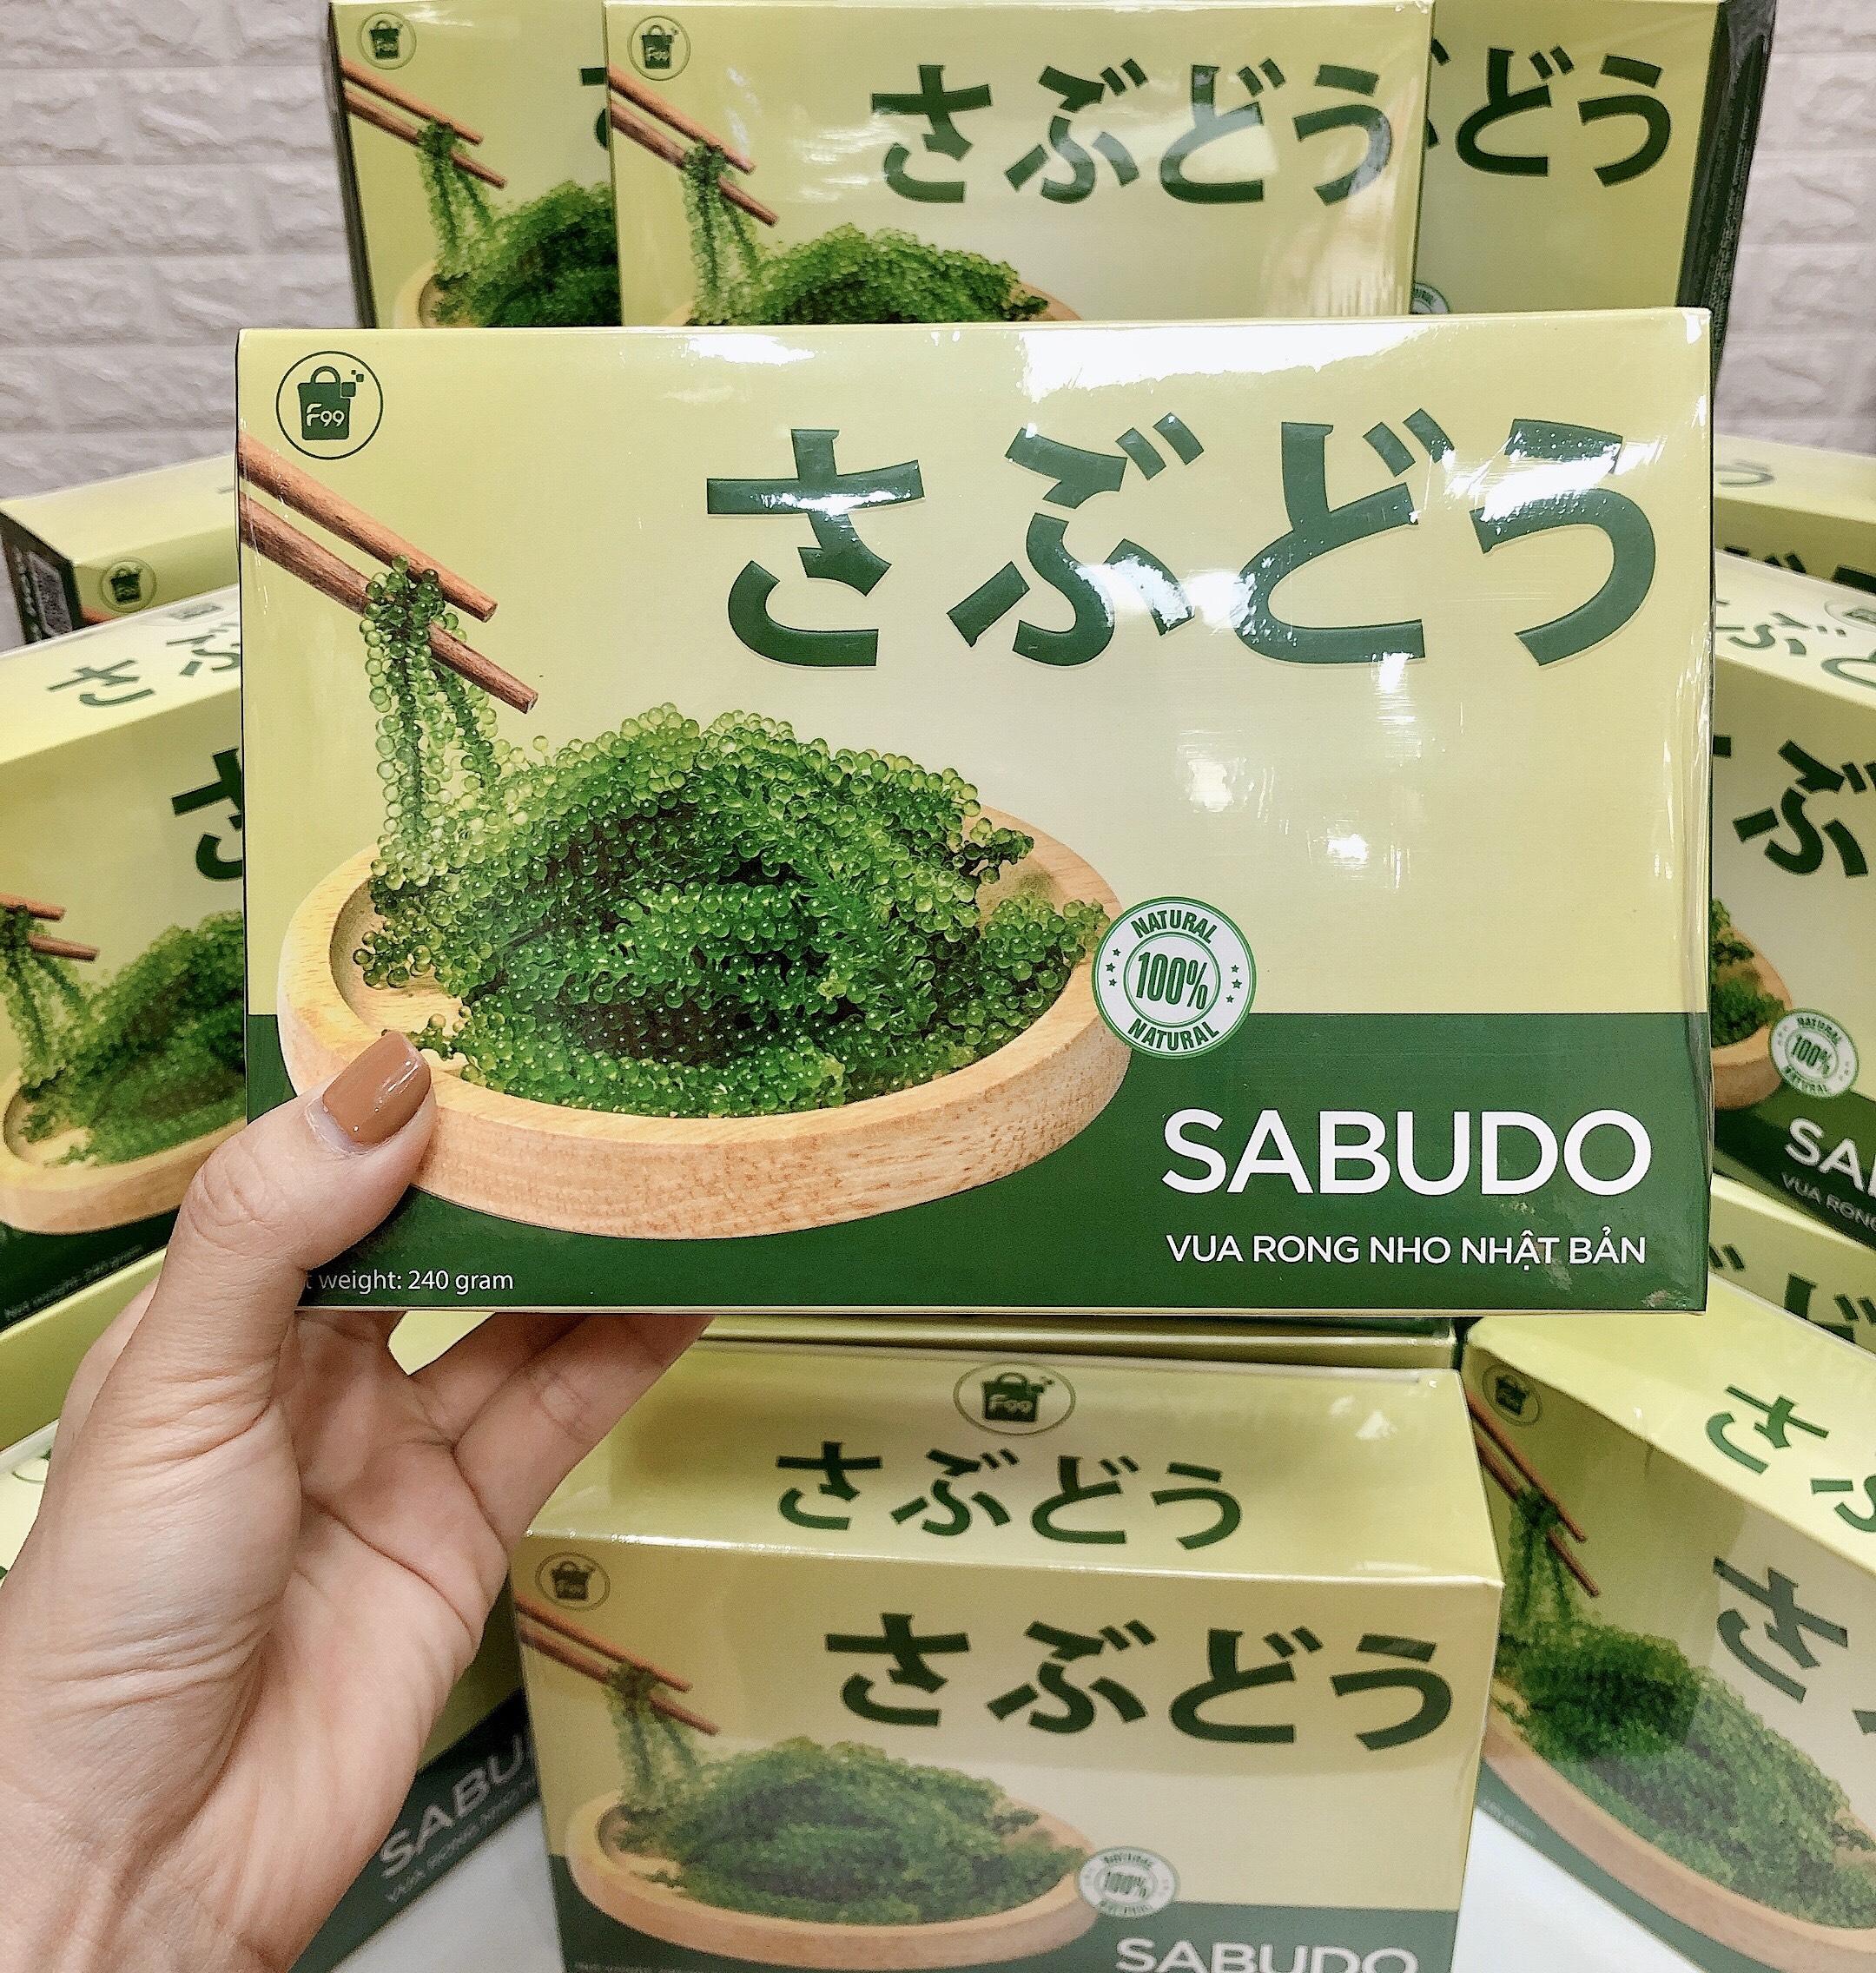 Rong nho Sabudo là gì?